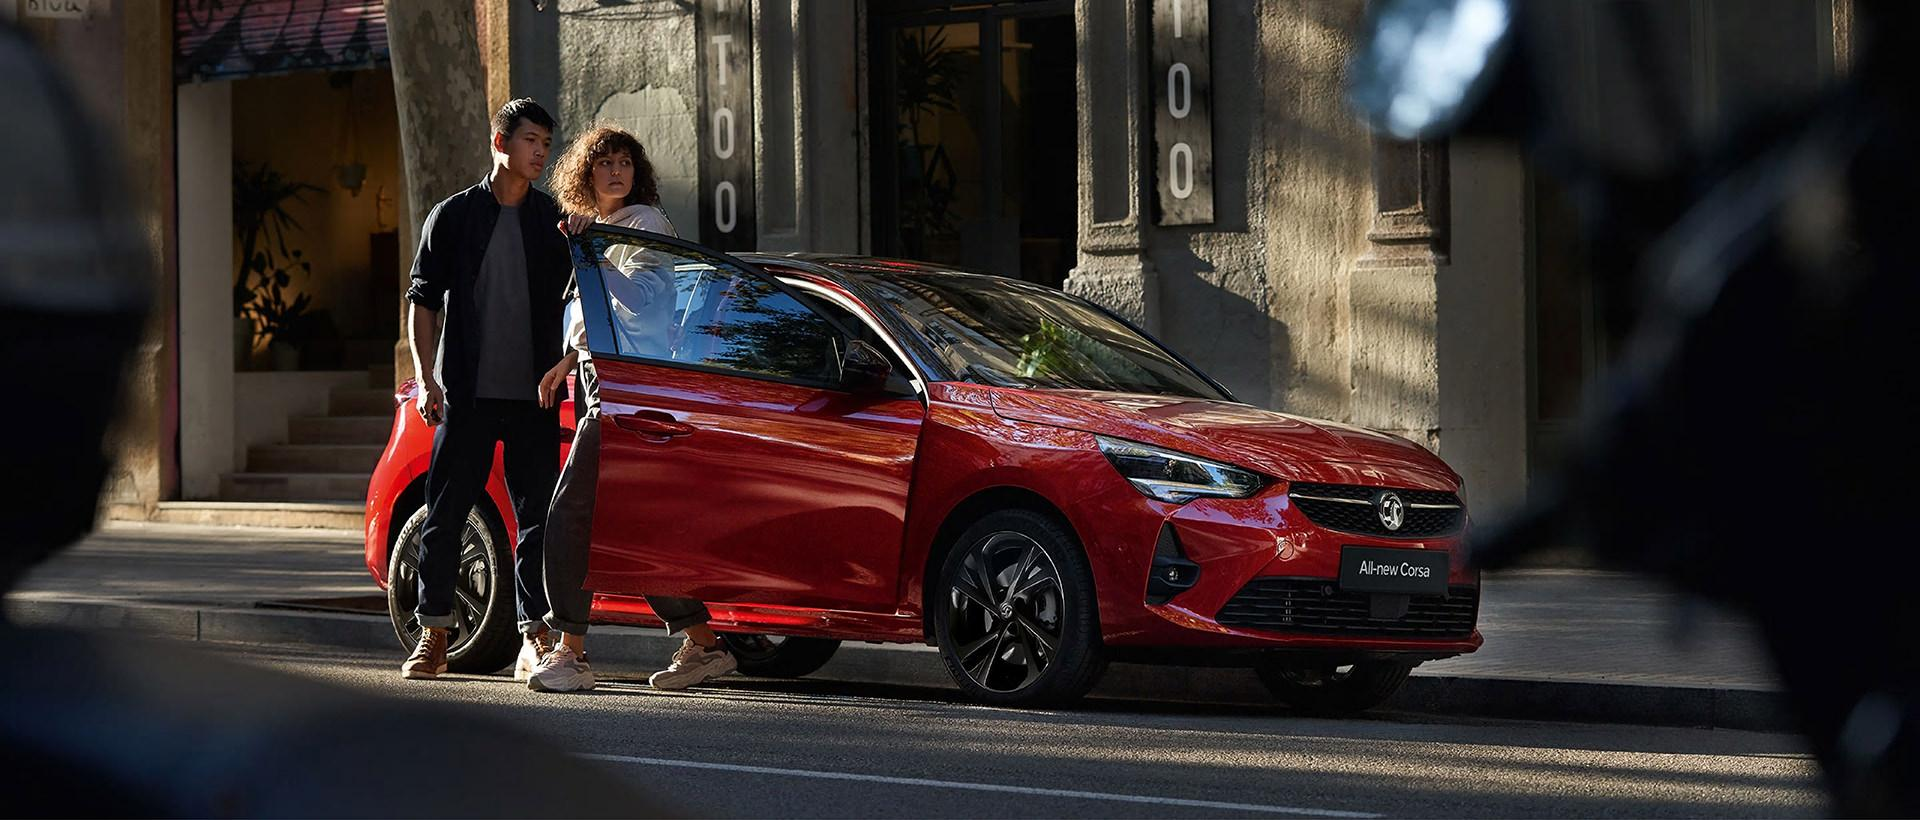 New Vauxhall Corsa Finance Offer